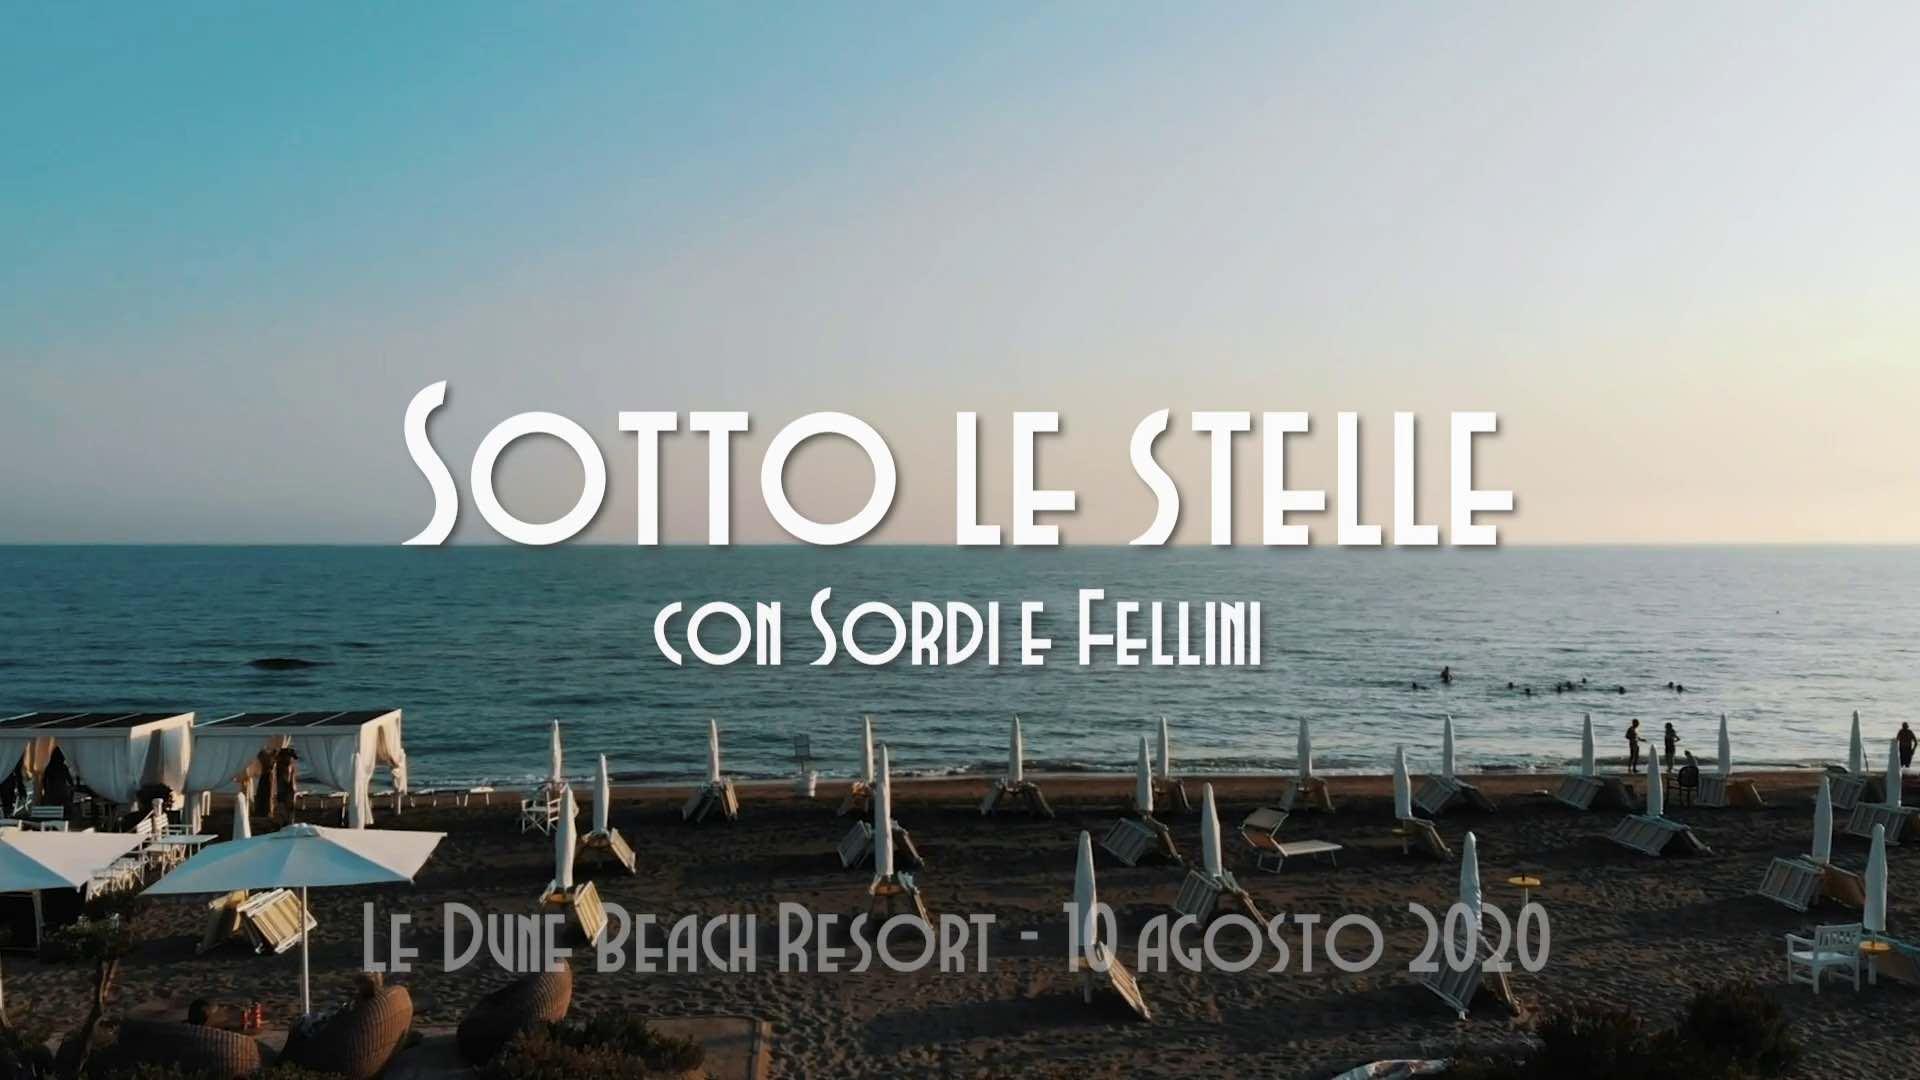 Sordi e Fellini: serata speciale Le Dune beach resort